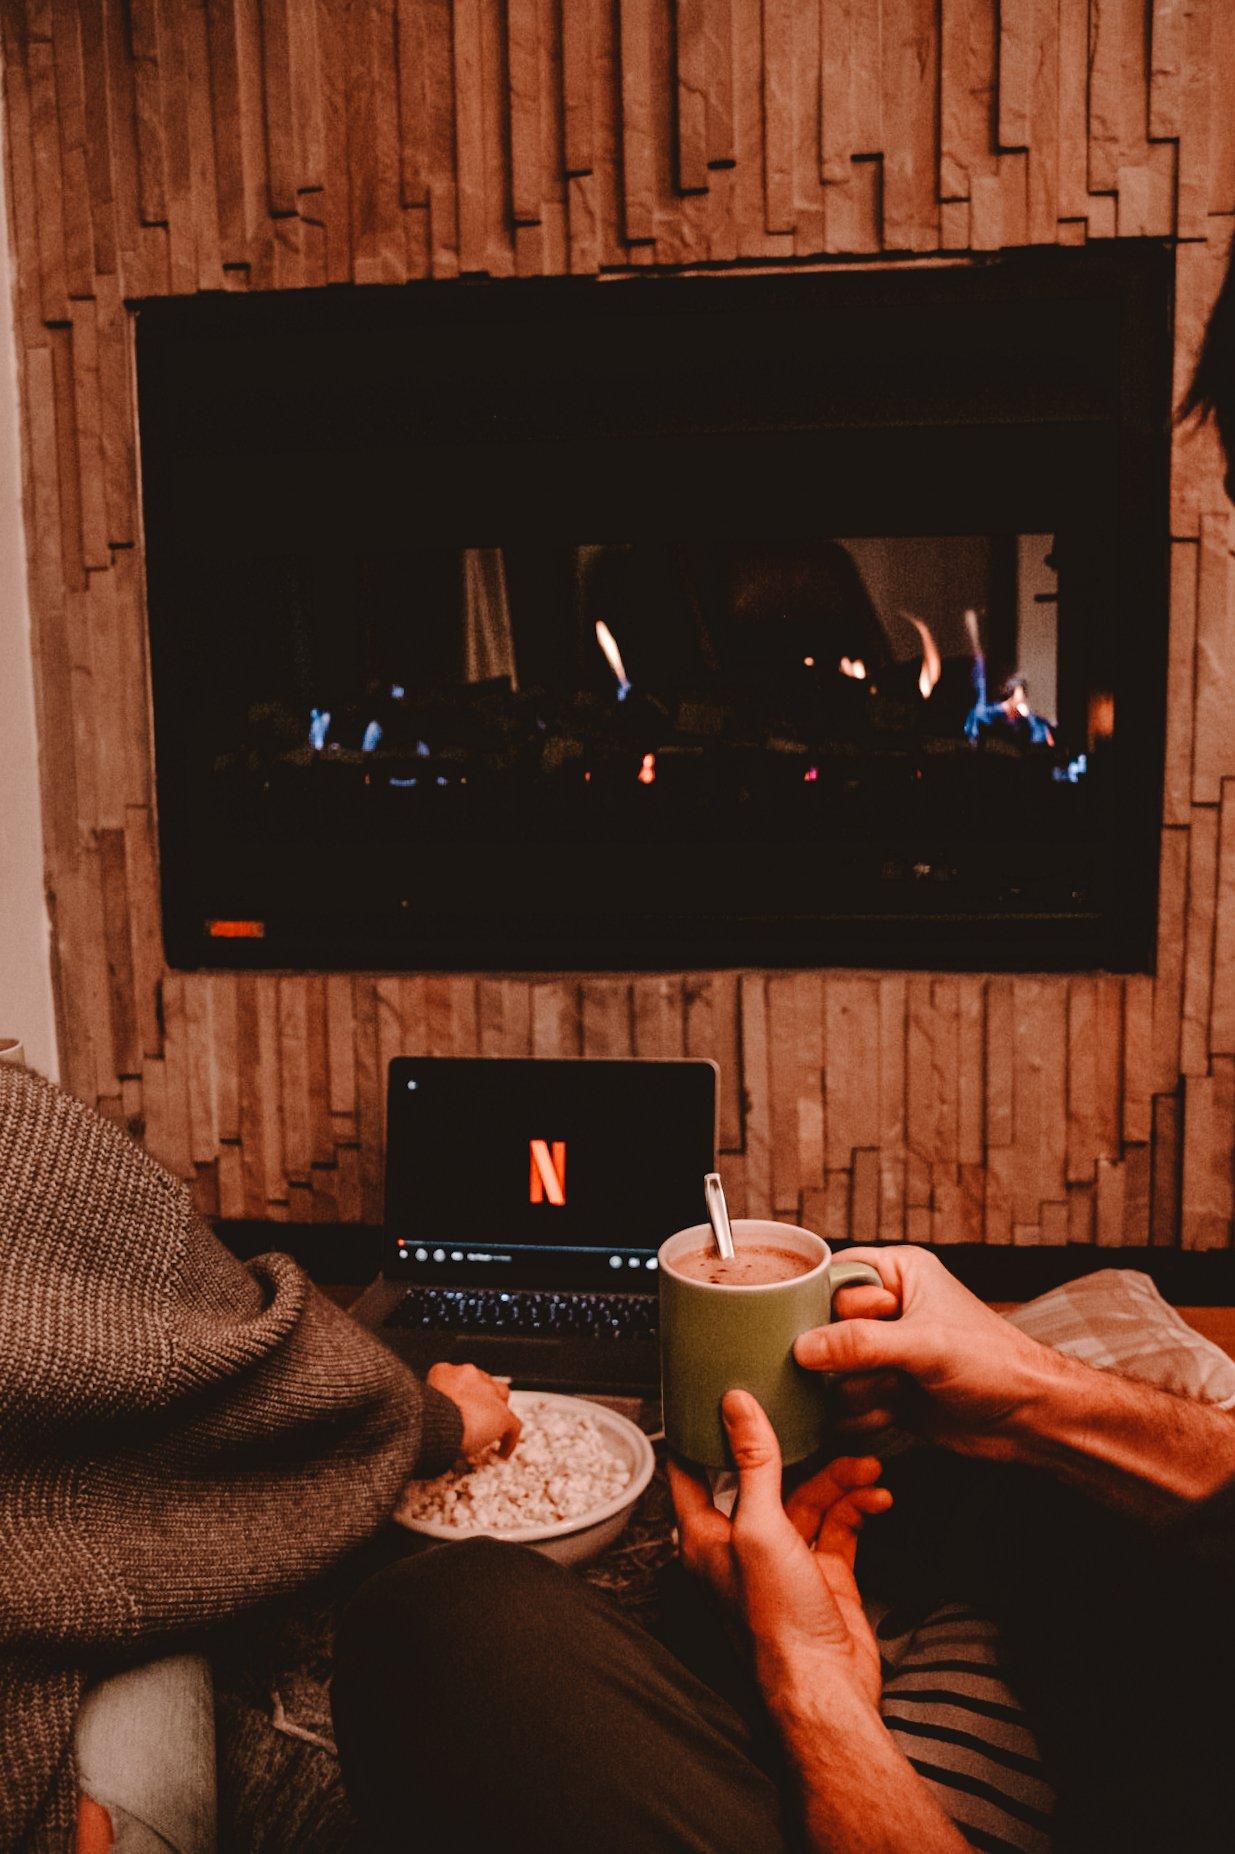 Byron & Tammy watching Netflix